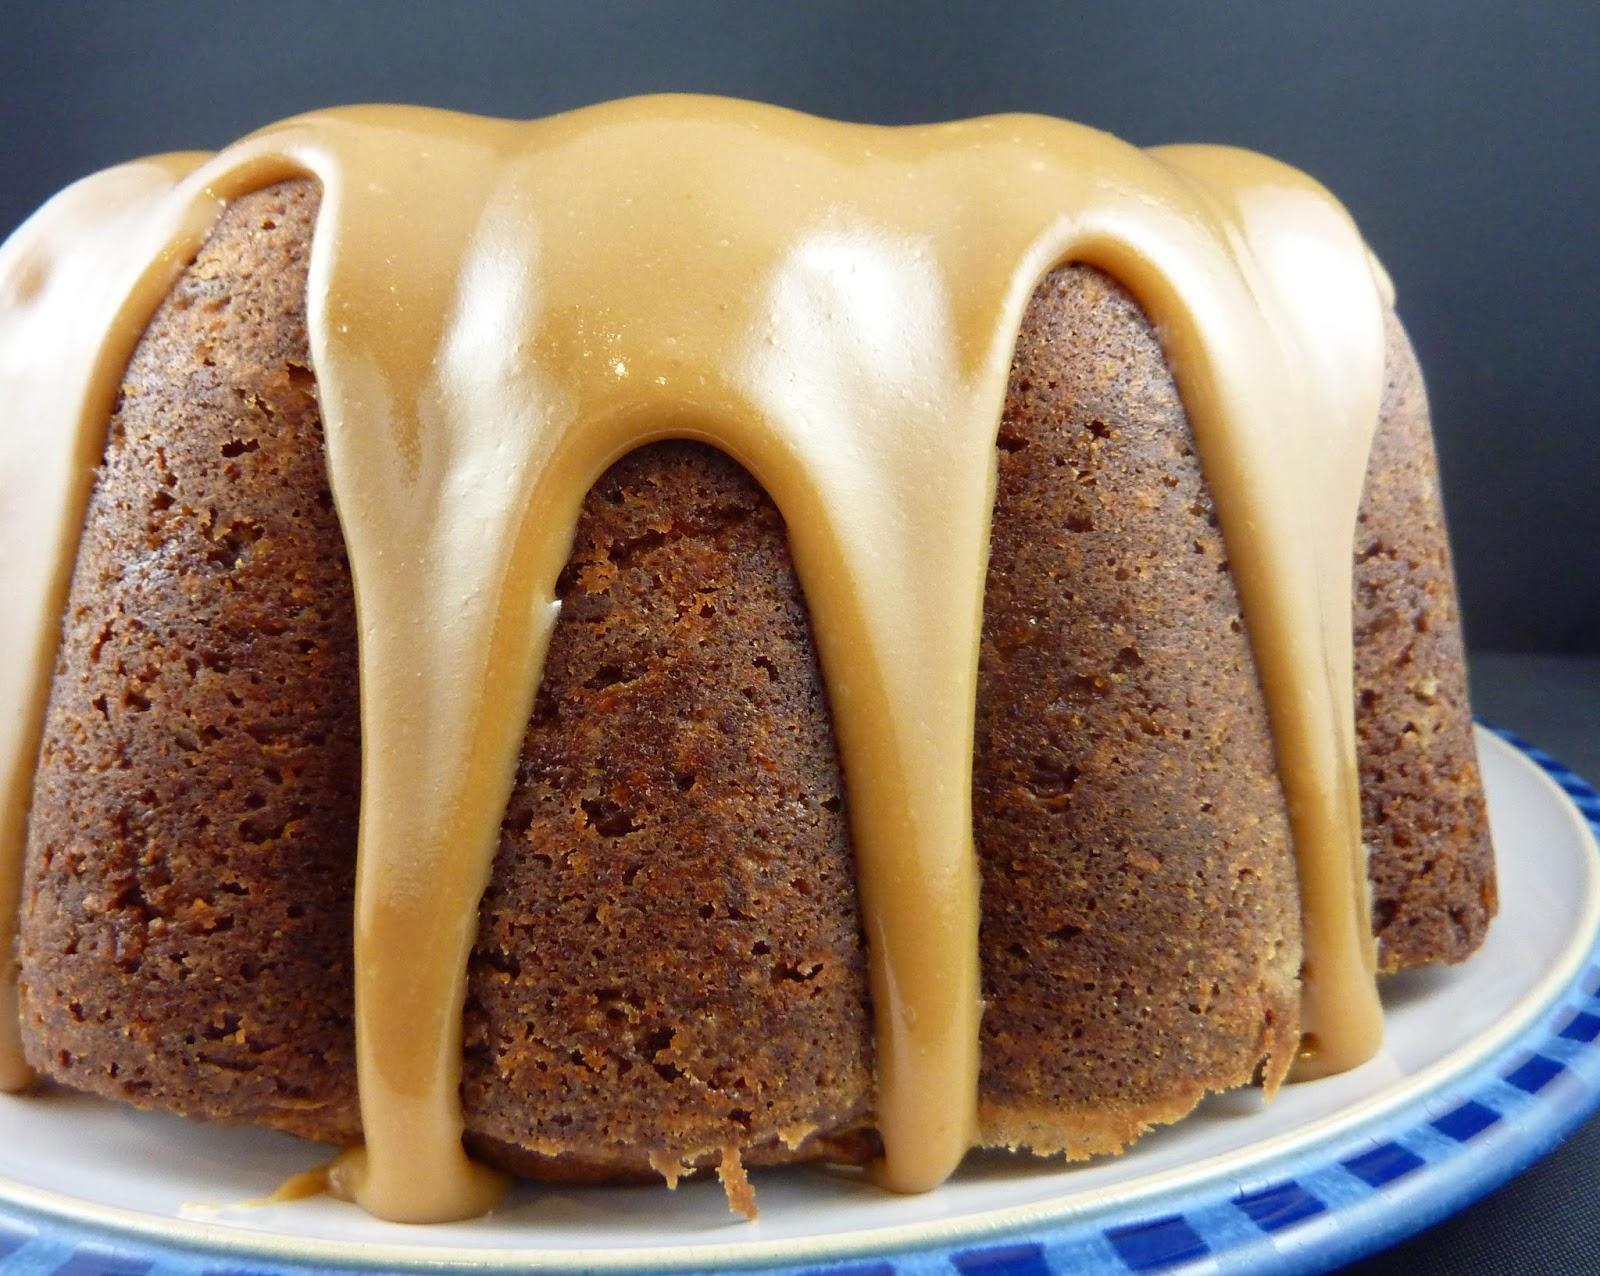 How To Make Brown Sugar Glaze For Pound Cake